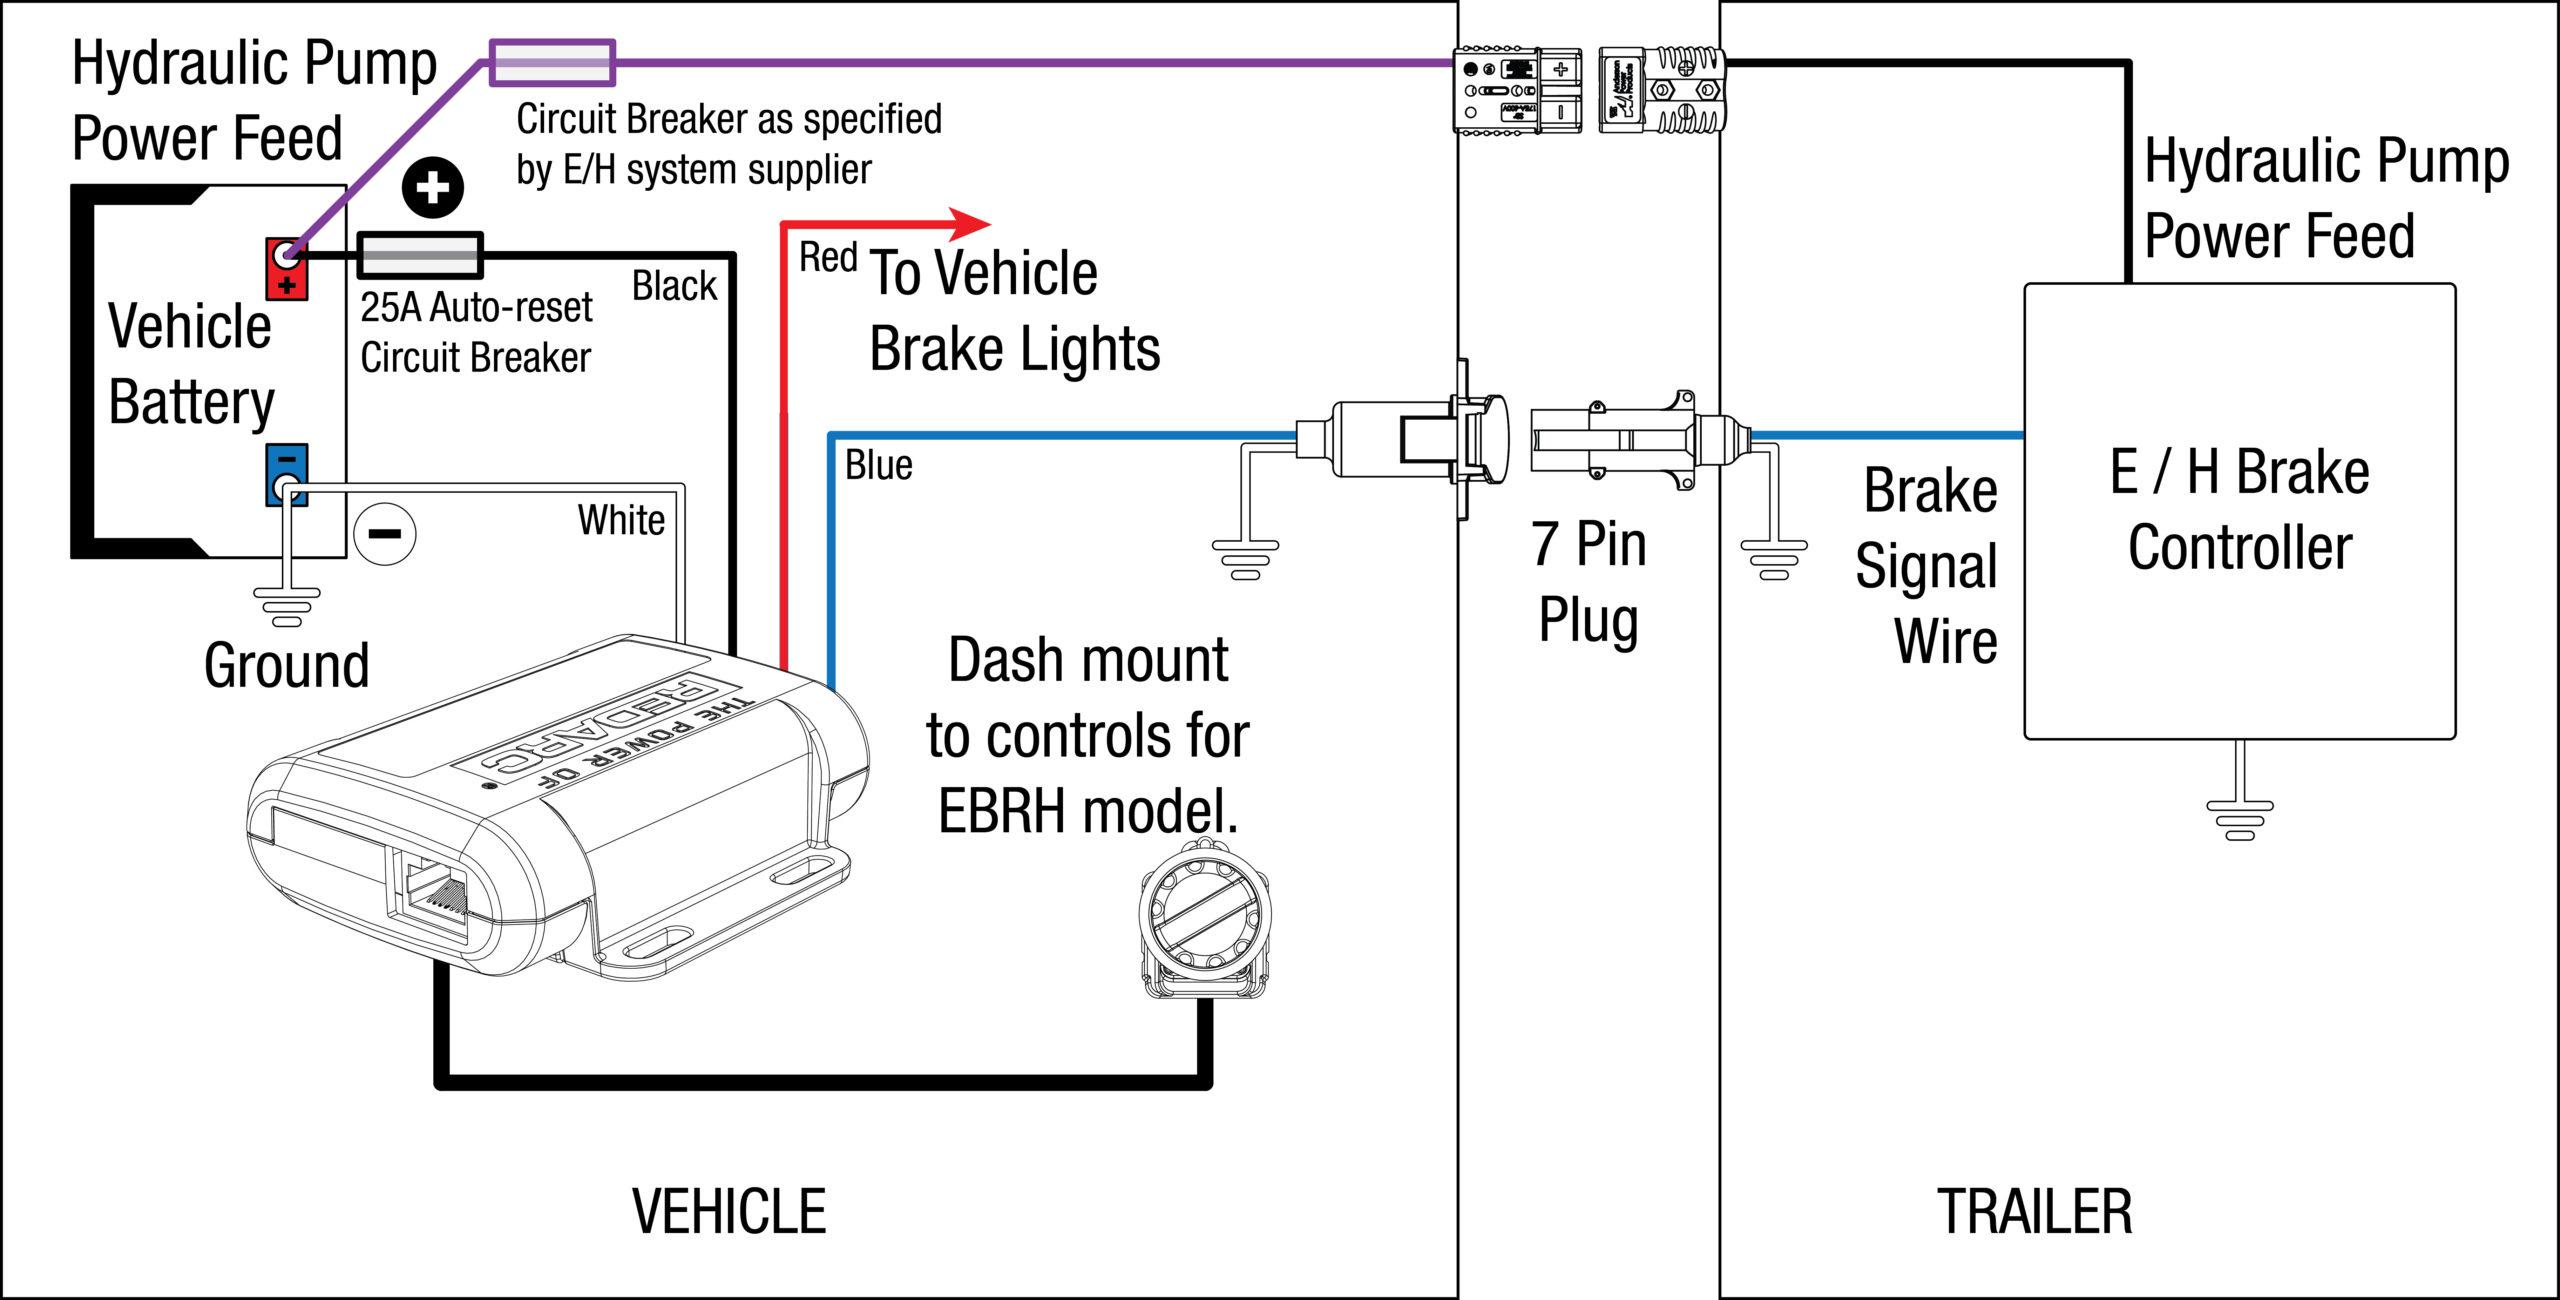 2005 Ford F250 Trailer Wiring Diagram